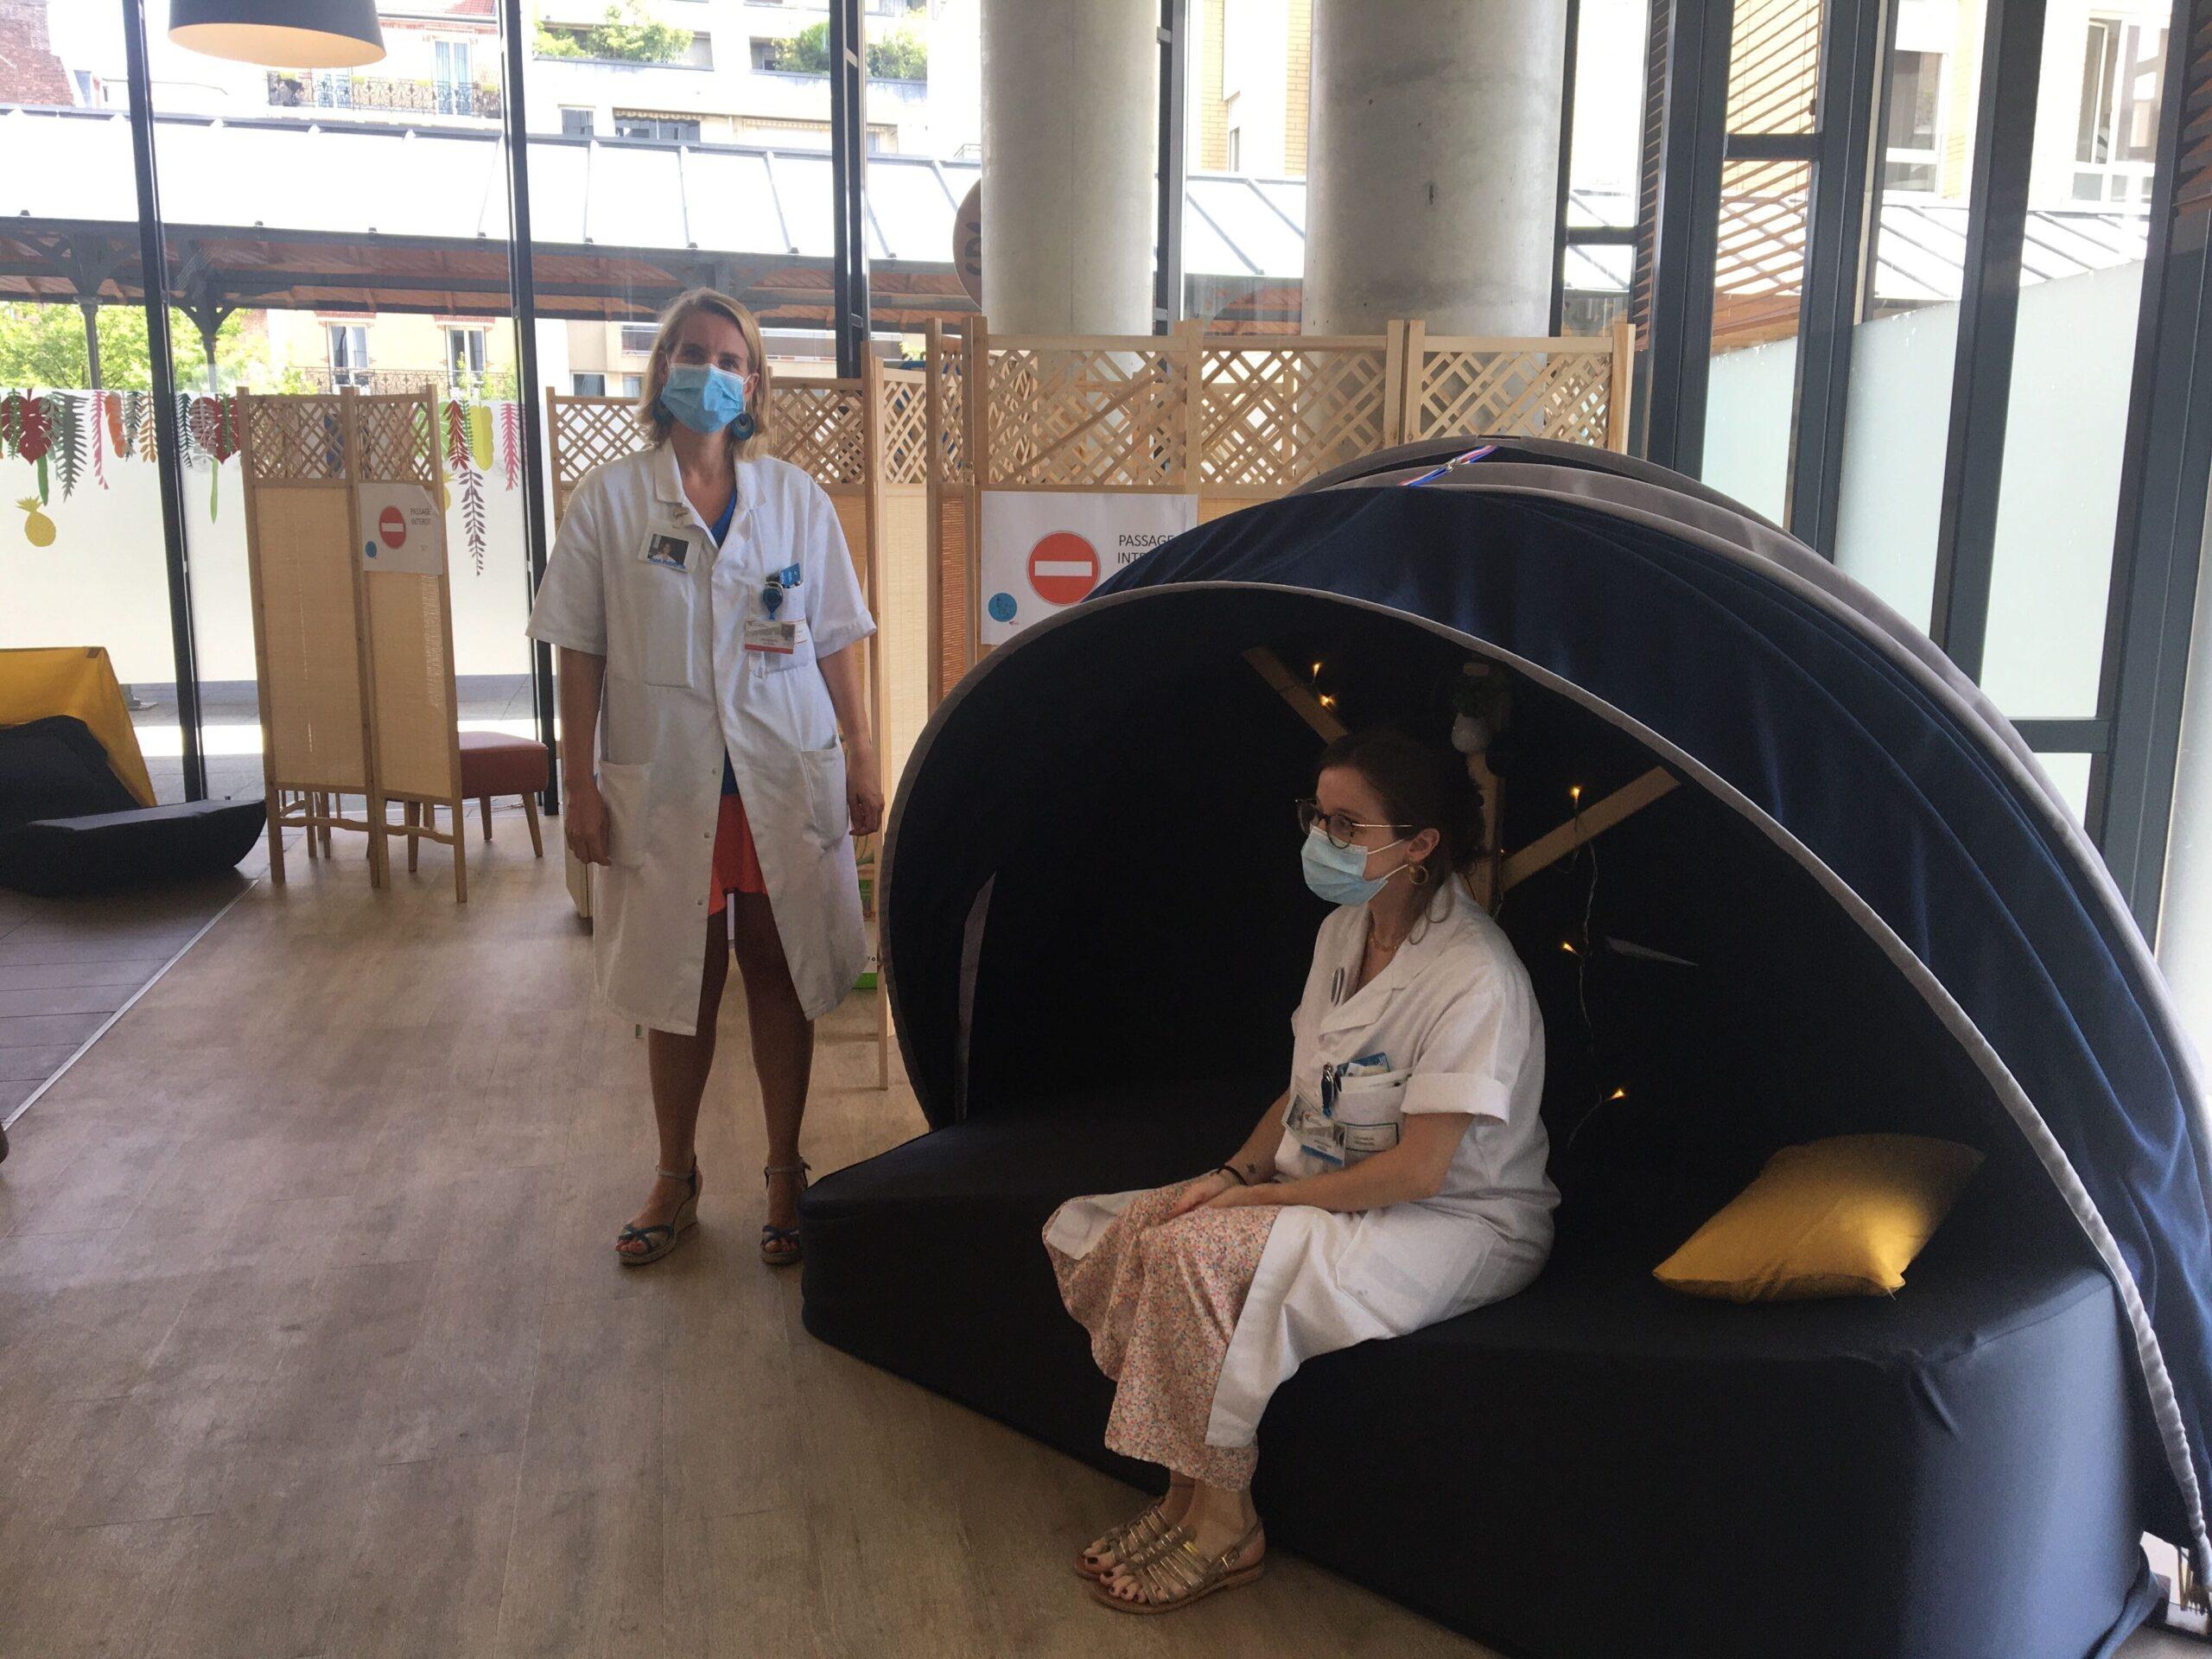 A l'hôpital Saint-Joseph, le personnel soignant a la possibilité de faire des siestes dans les cocons Nap&Up